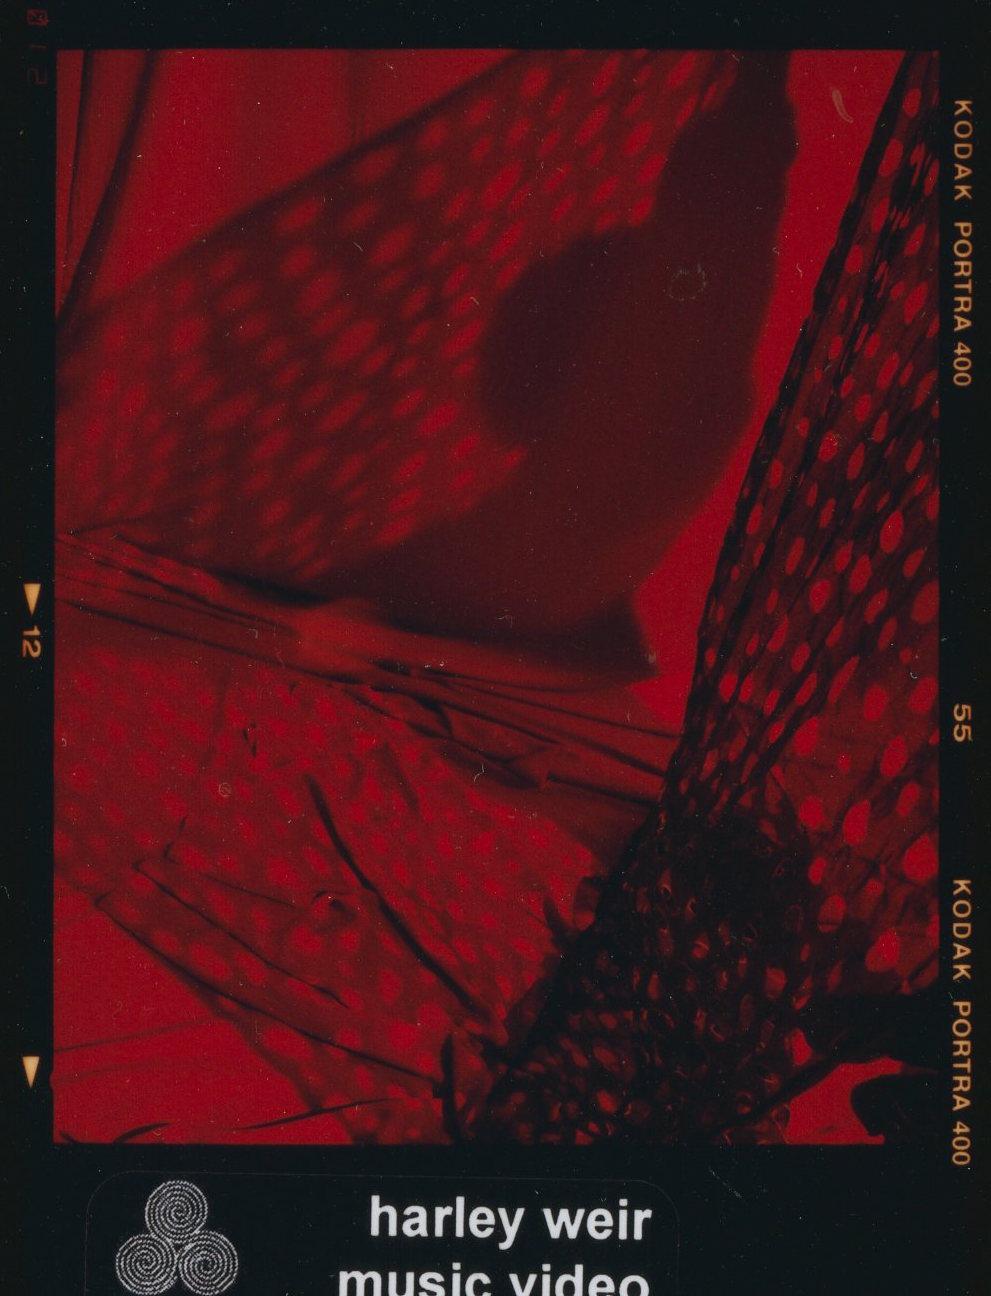 HW_181213_21010 copy.jpg